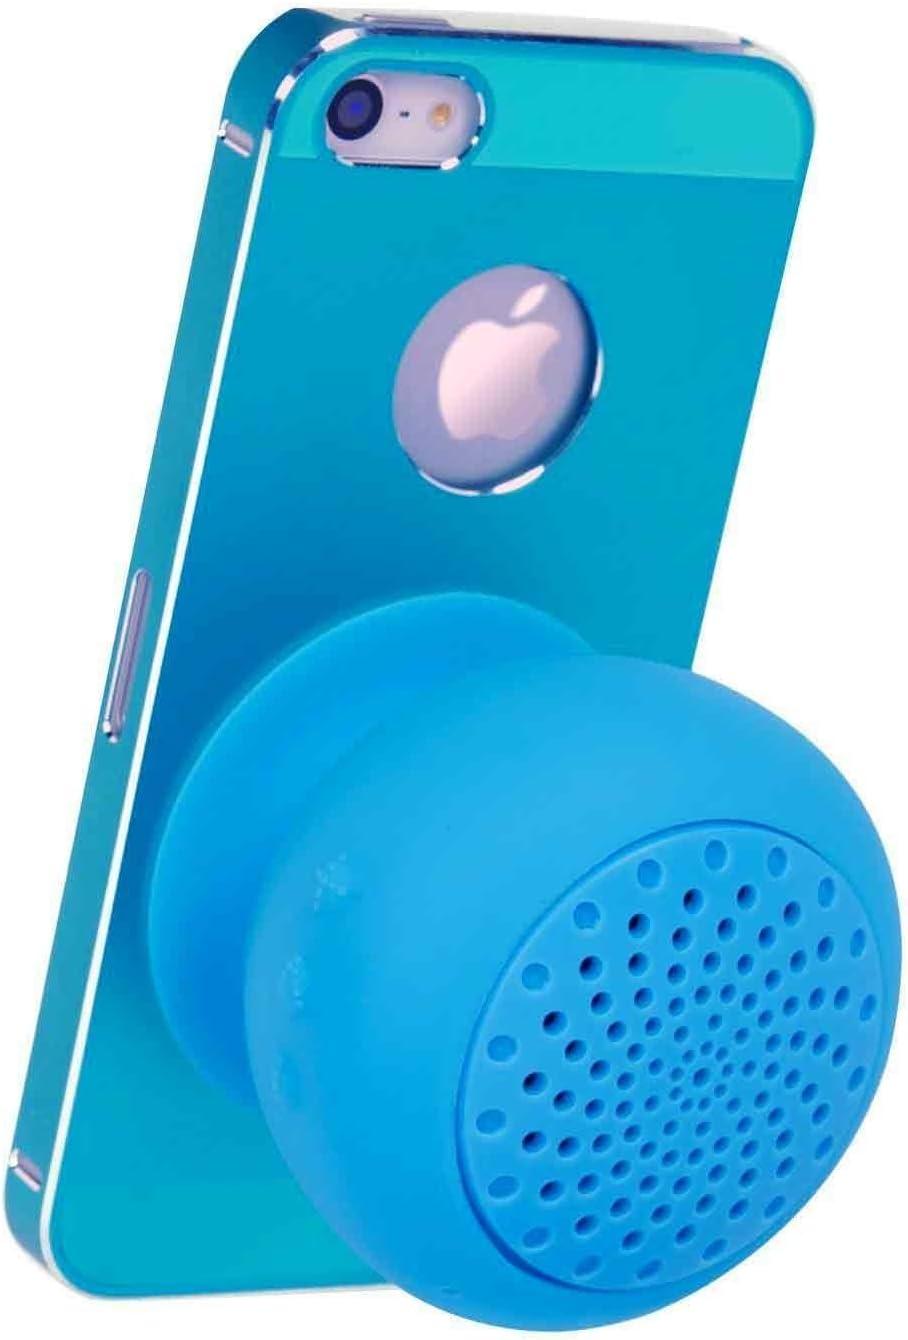 Blue amtonseeshop Waterproof Mini Mushroom Wireless Bluetooth Speaker